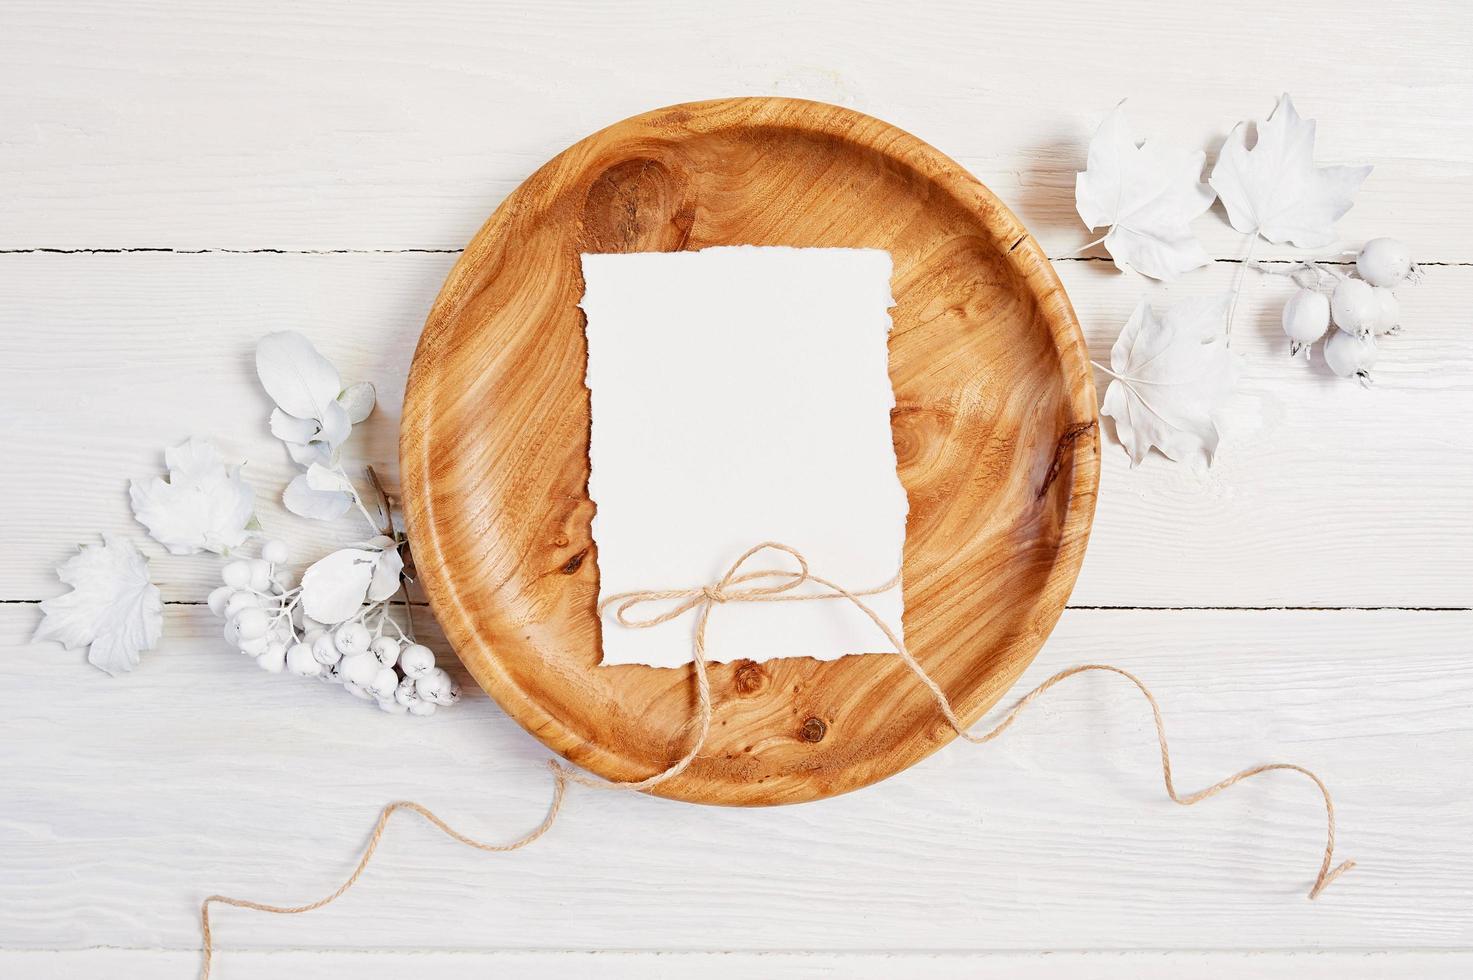 papel em branco na tigela de madeira na mesa de madeira foto